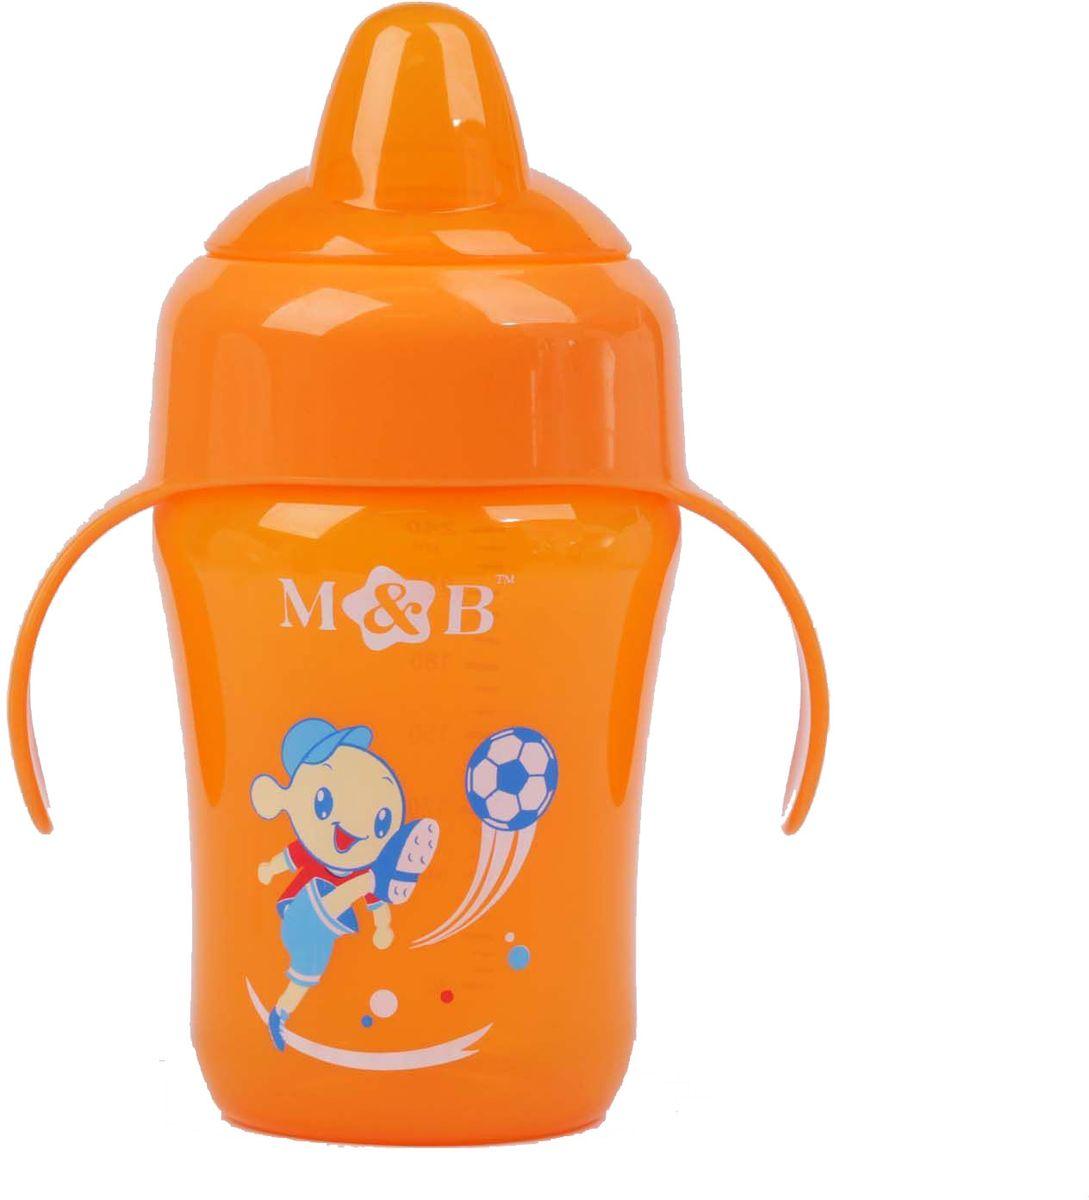 Mum&Baby Поильник с мягким носиком цвет: оранжевый, 240 мл -  Поильники